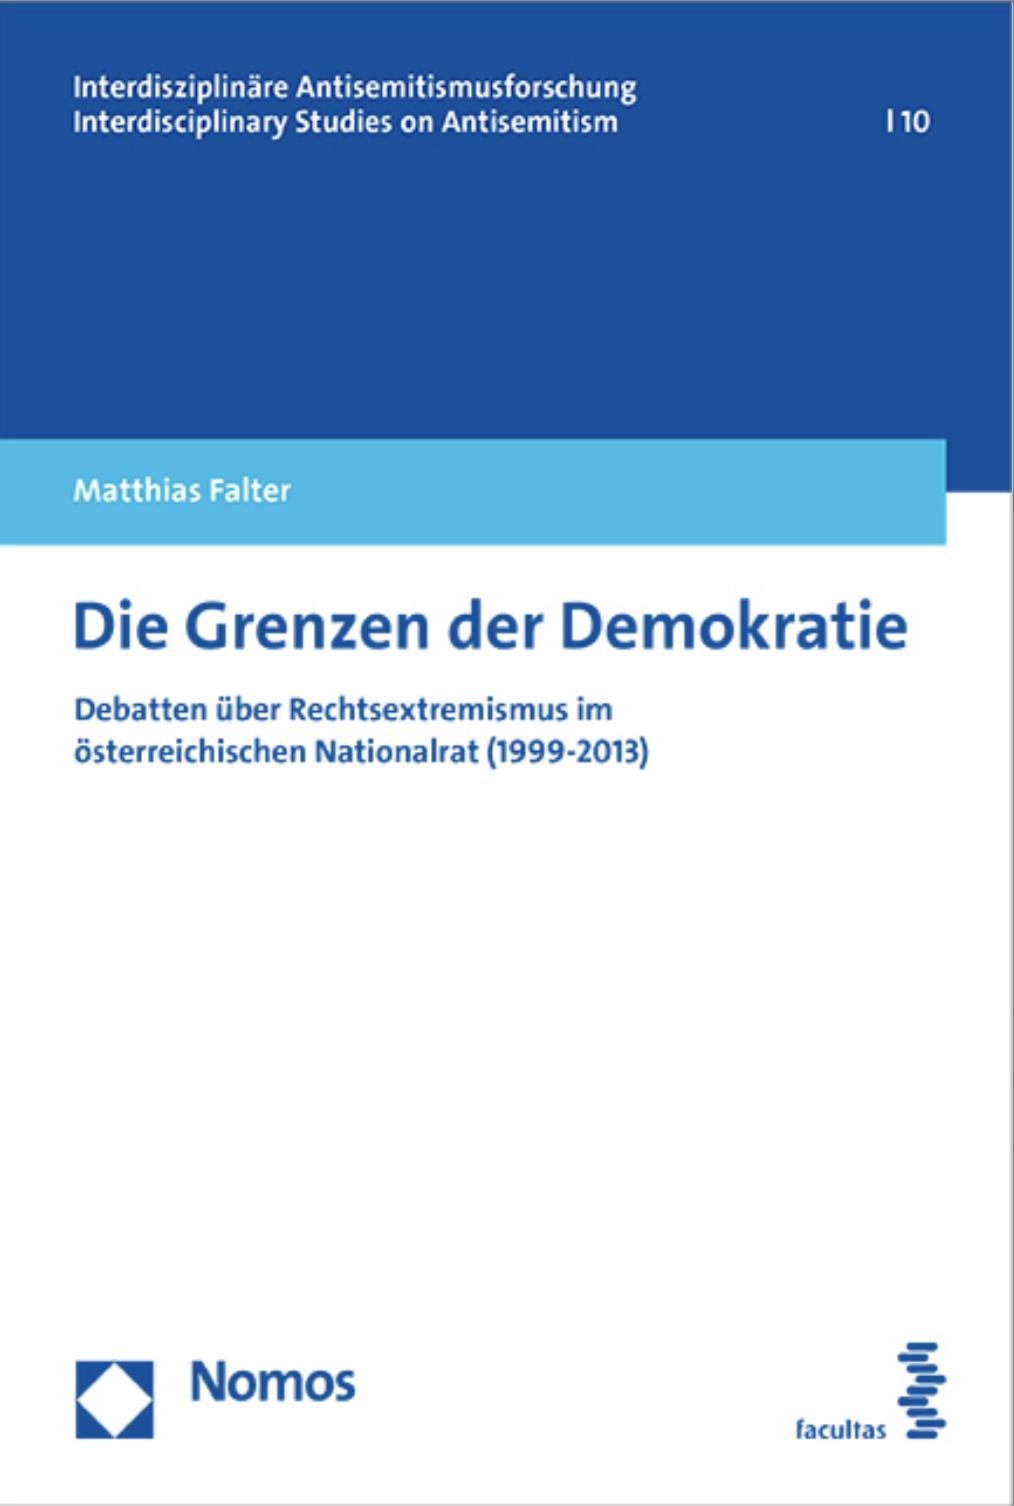 Cover Matthias Falter: Die Grenzen der Demokratie